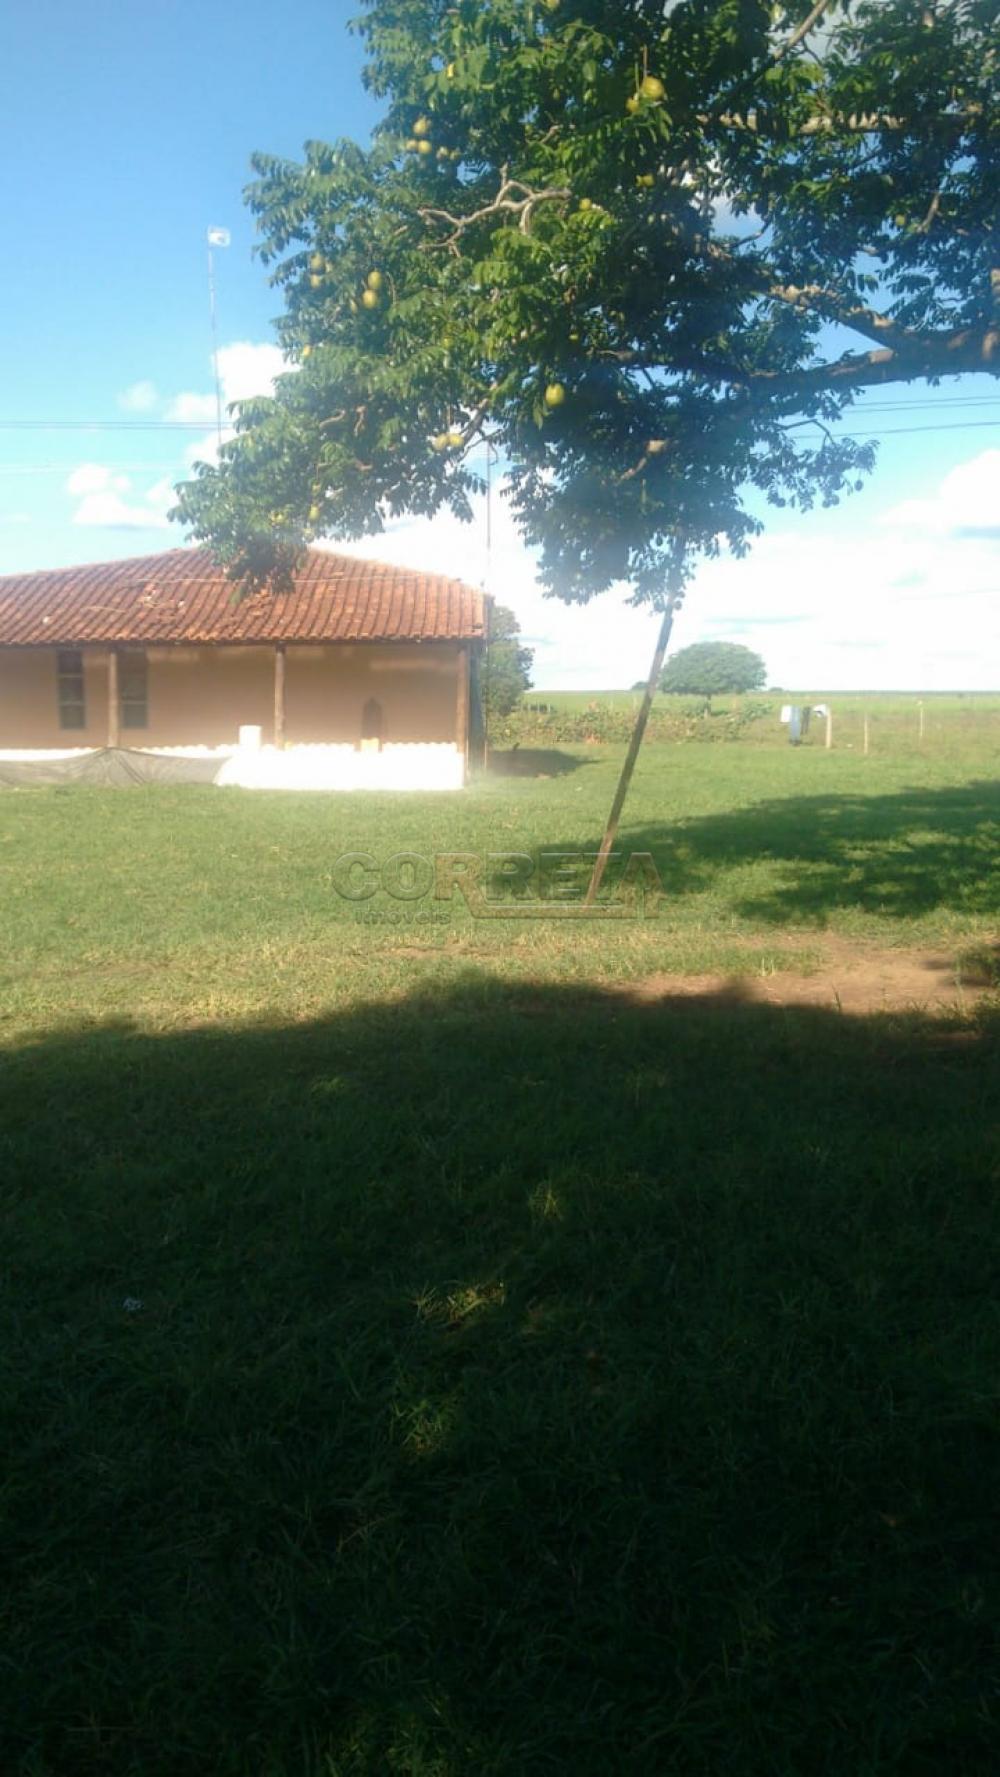 Comprar Rural / Sítio em Coroados apenas R$ 930.000,00 - Foto 2